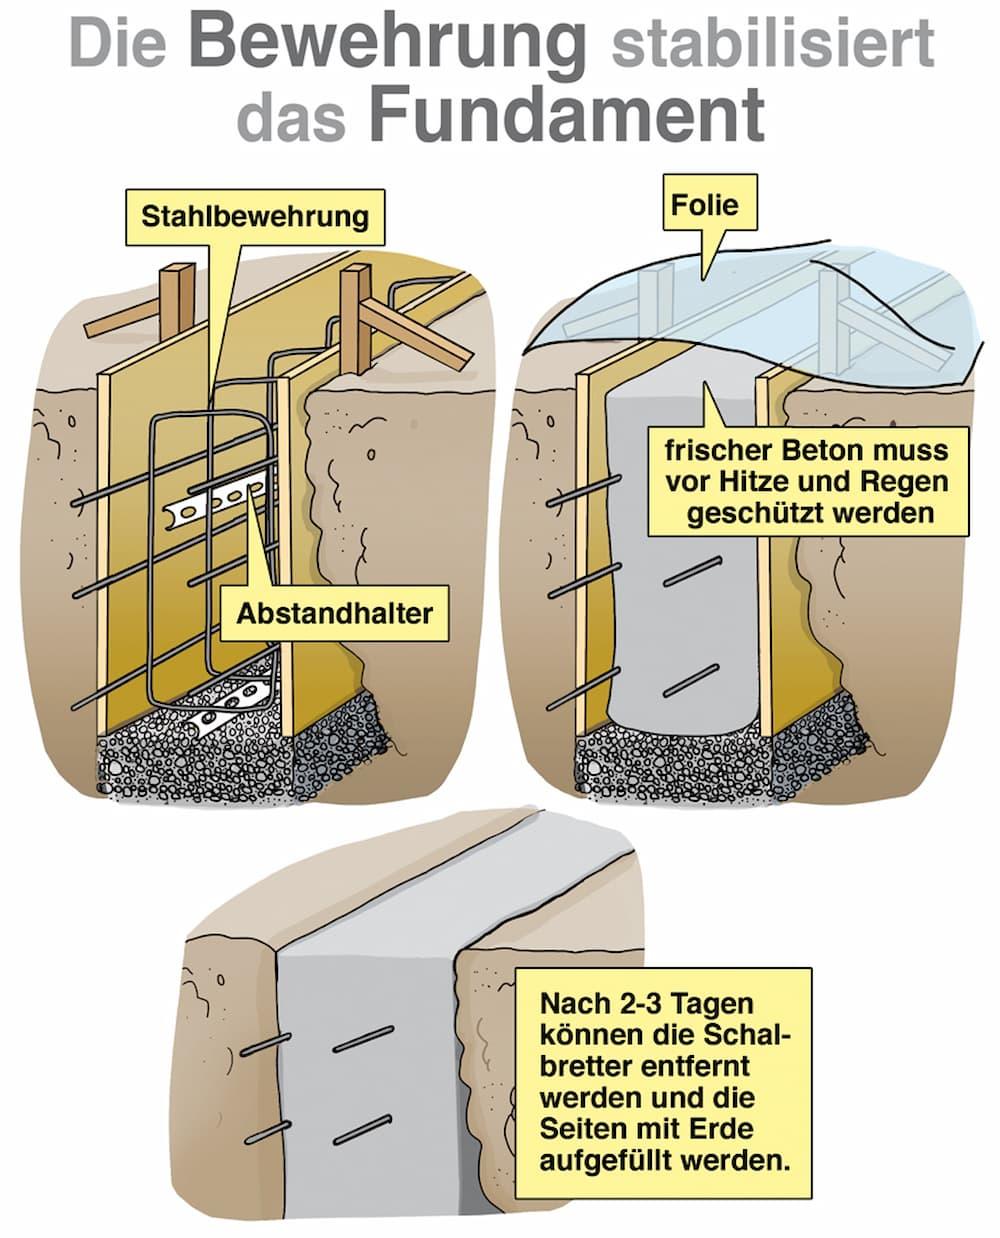 Die Bewehrung stabilisiert das Fundament